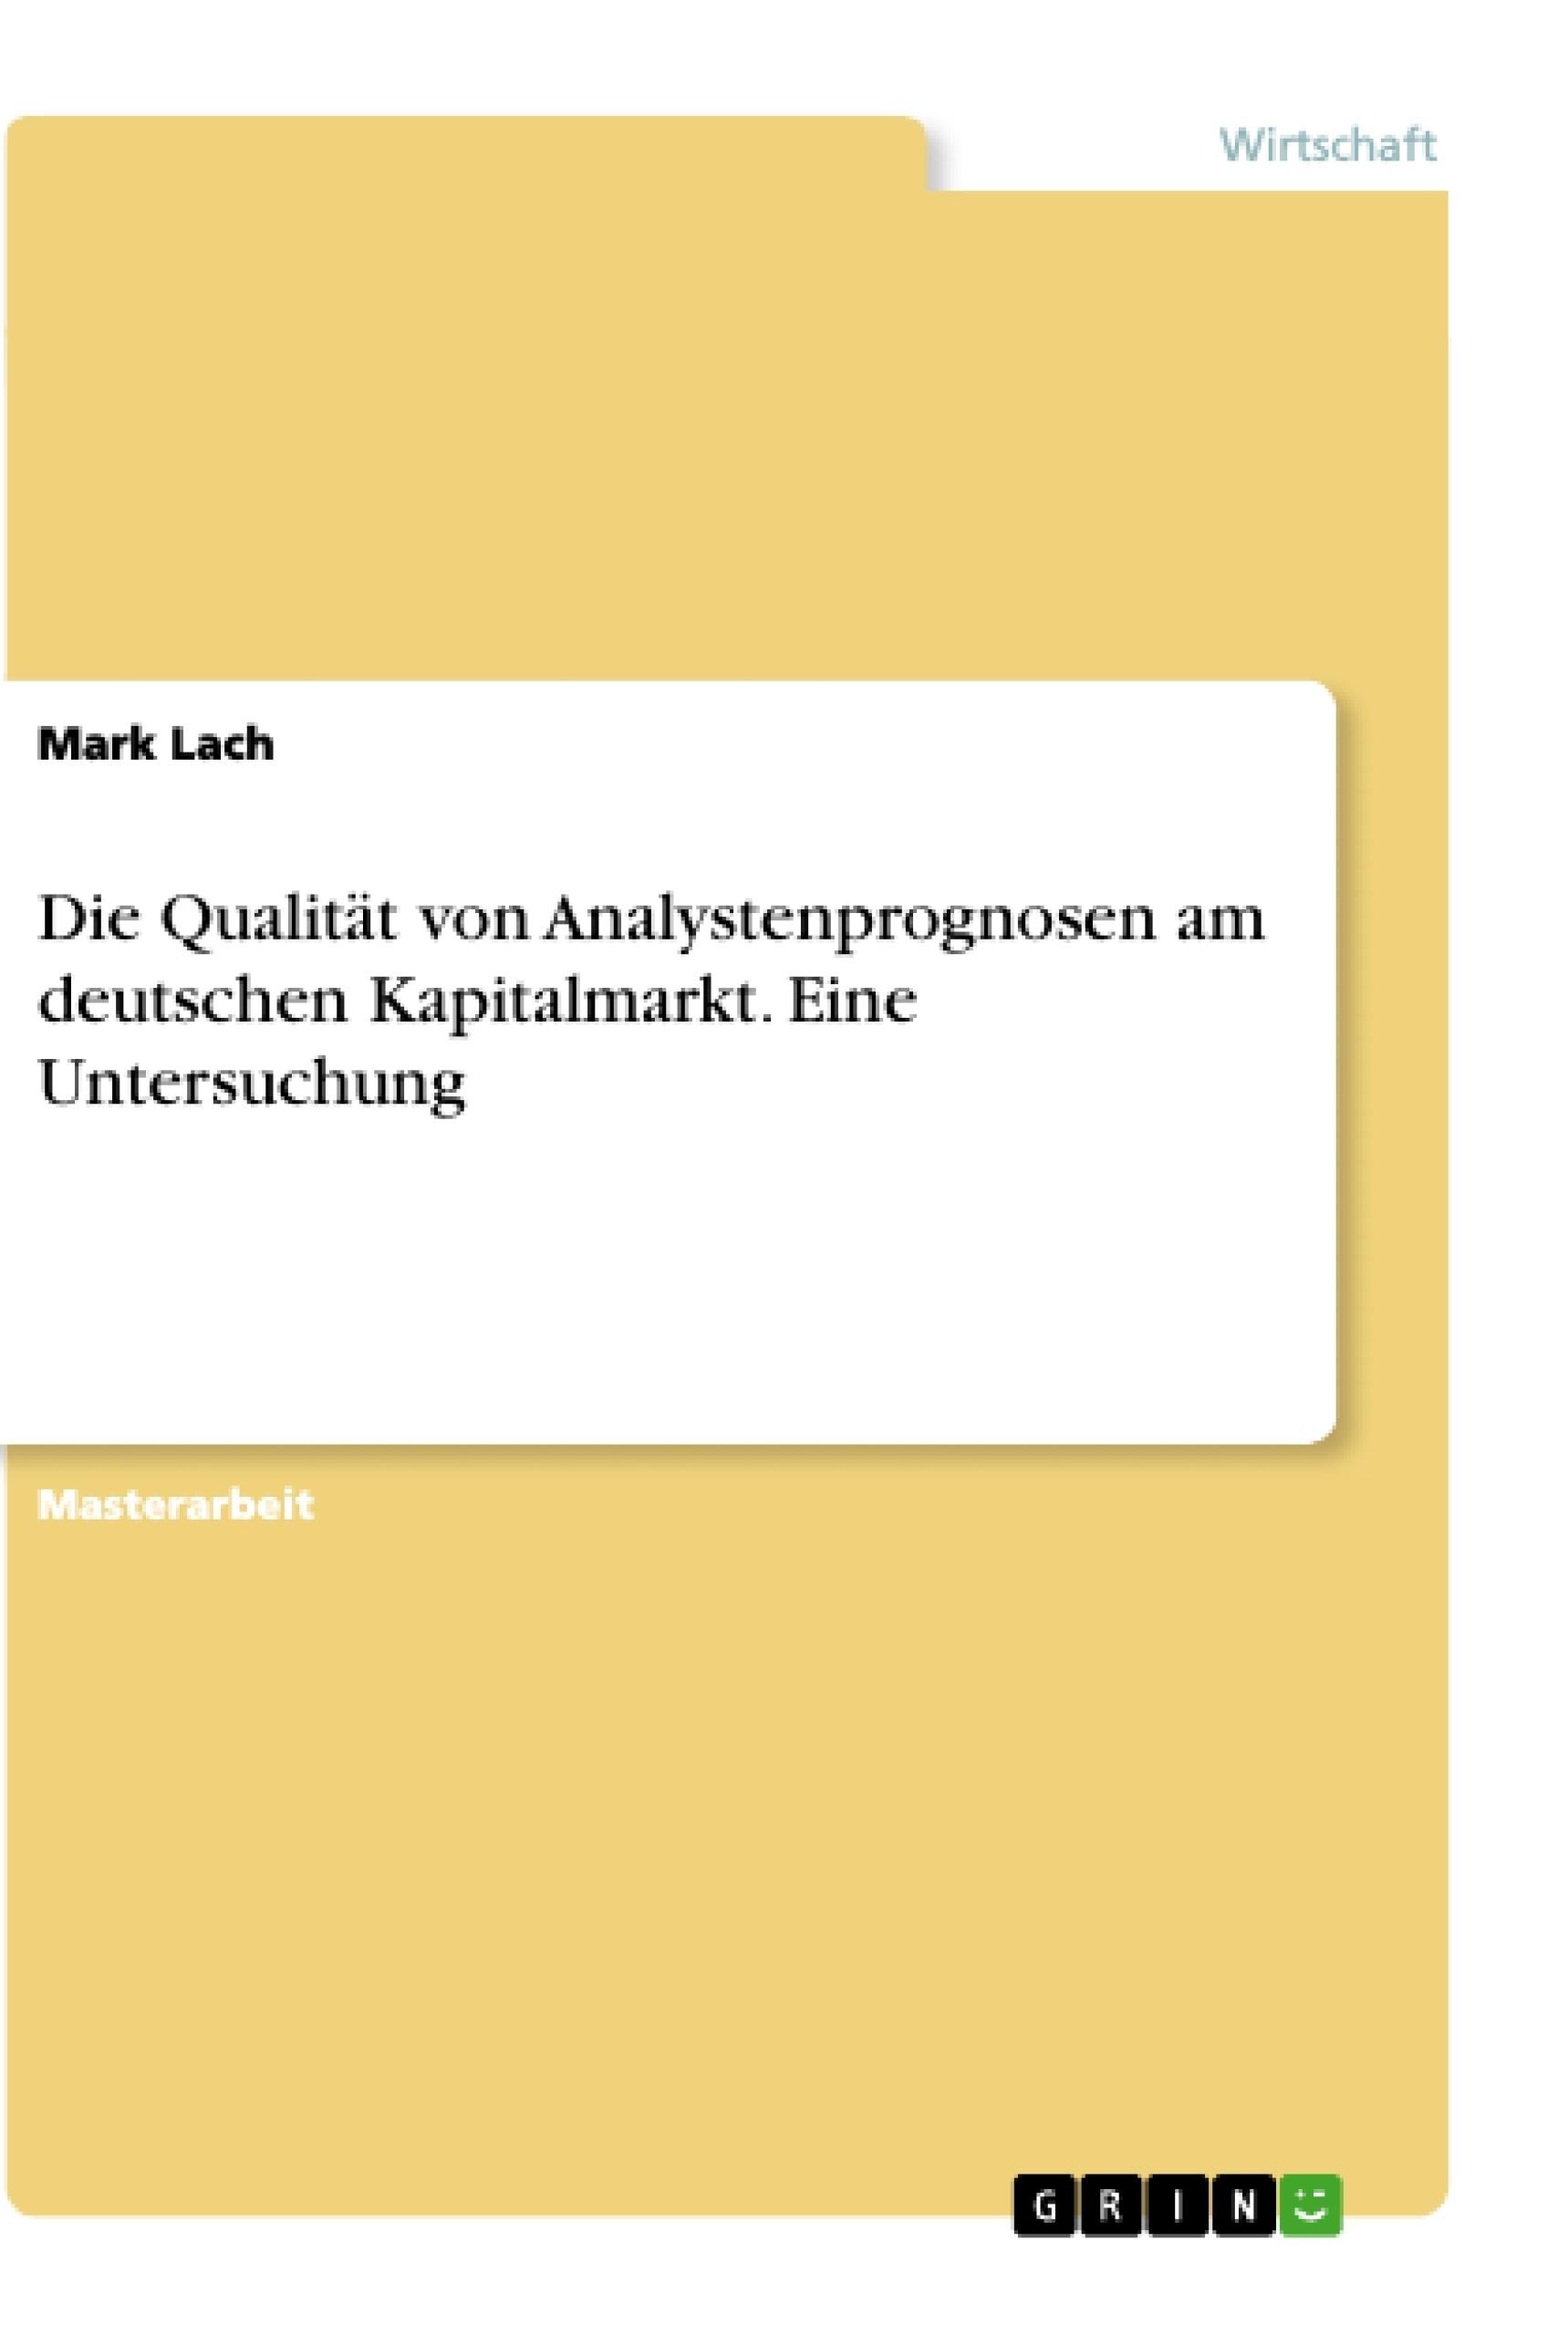 Titel: Die Qualität von Analystenprognosen am deutschen Kapitalmarkt. Eine Untersuchung